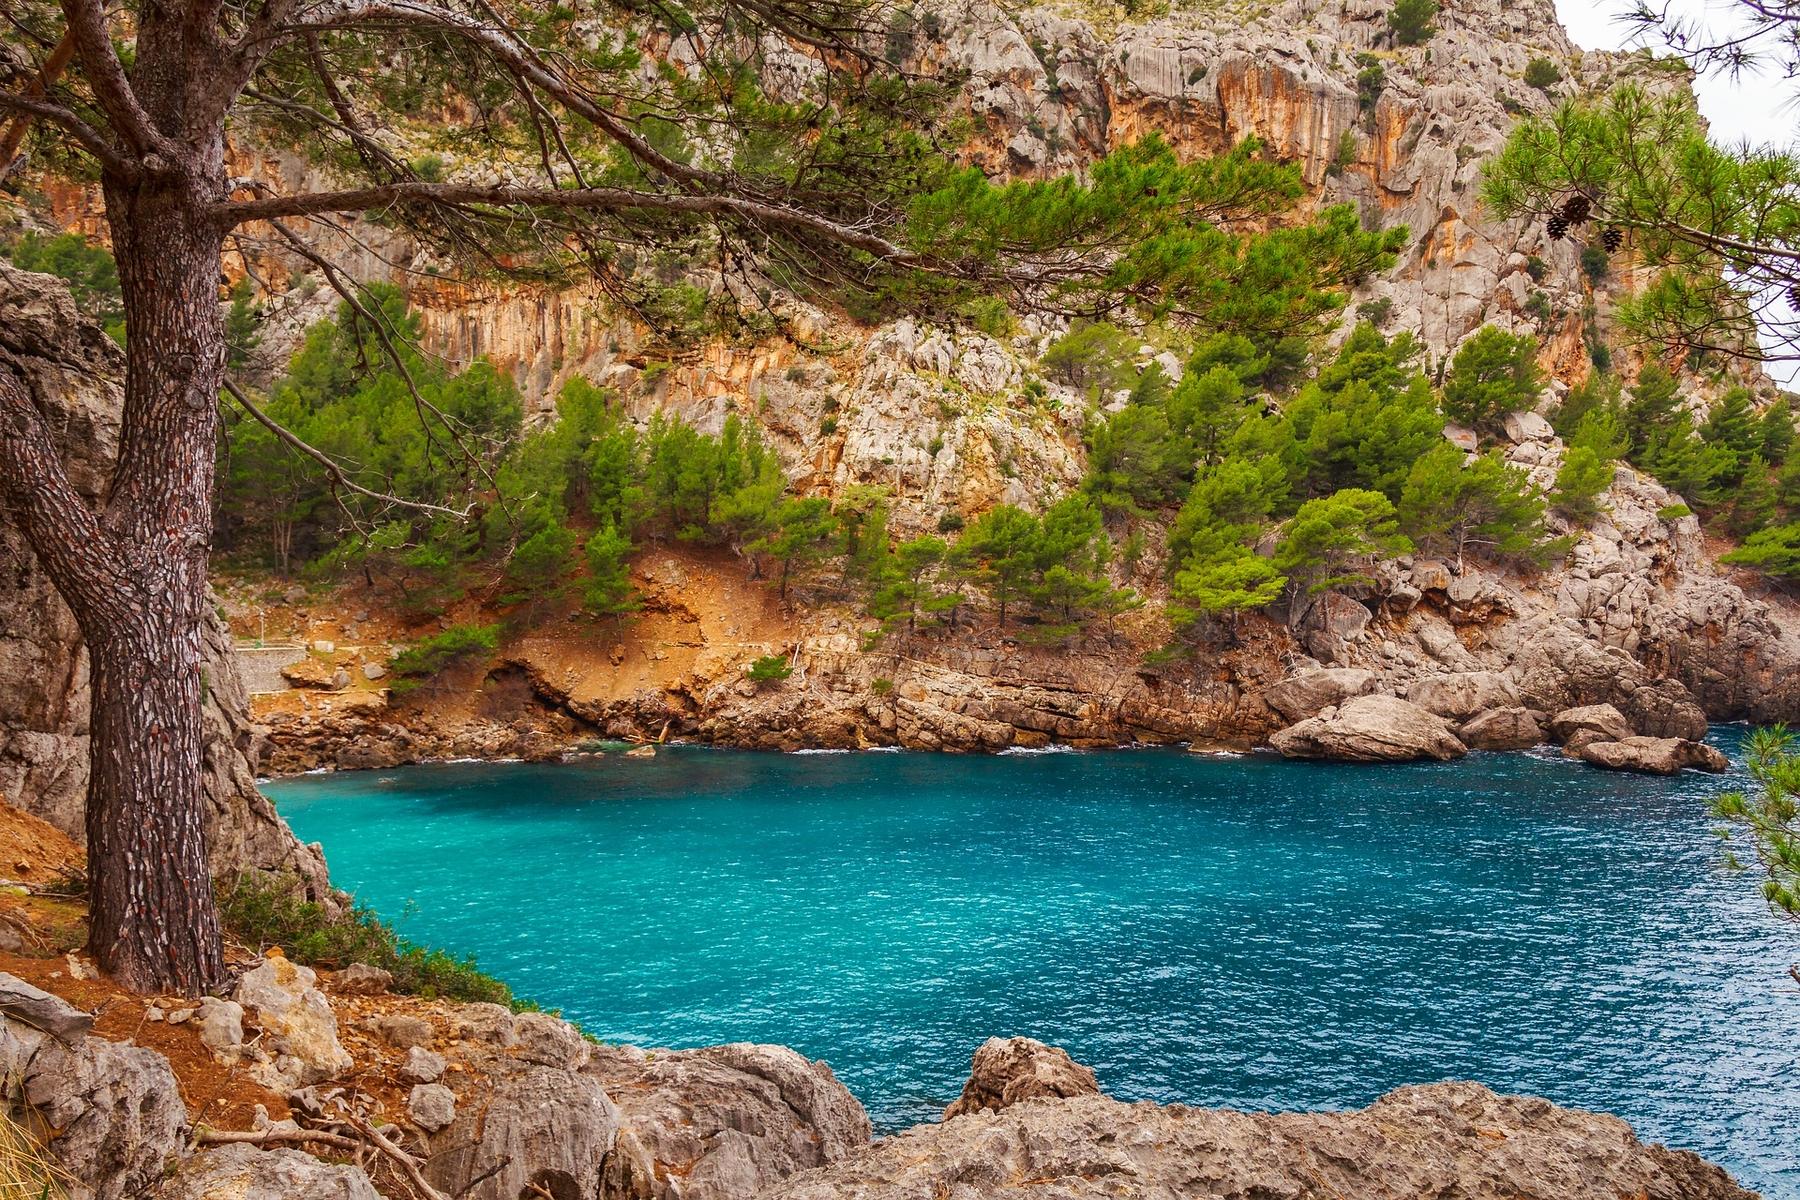 Sa Calobra es una de las calas más bonitas de Mallorca, ¡solo hay que verla!